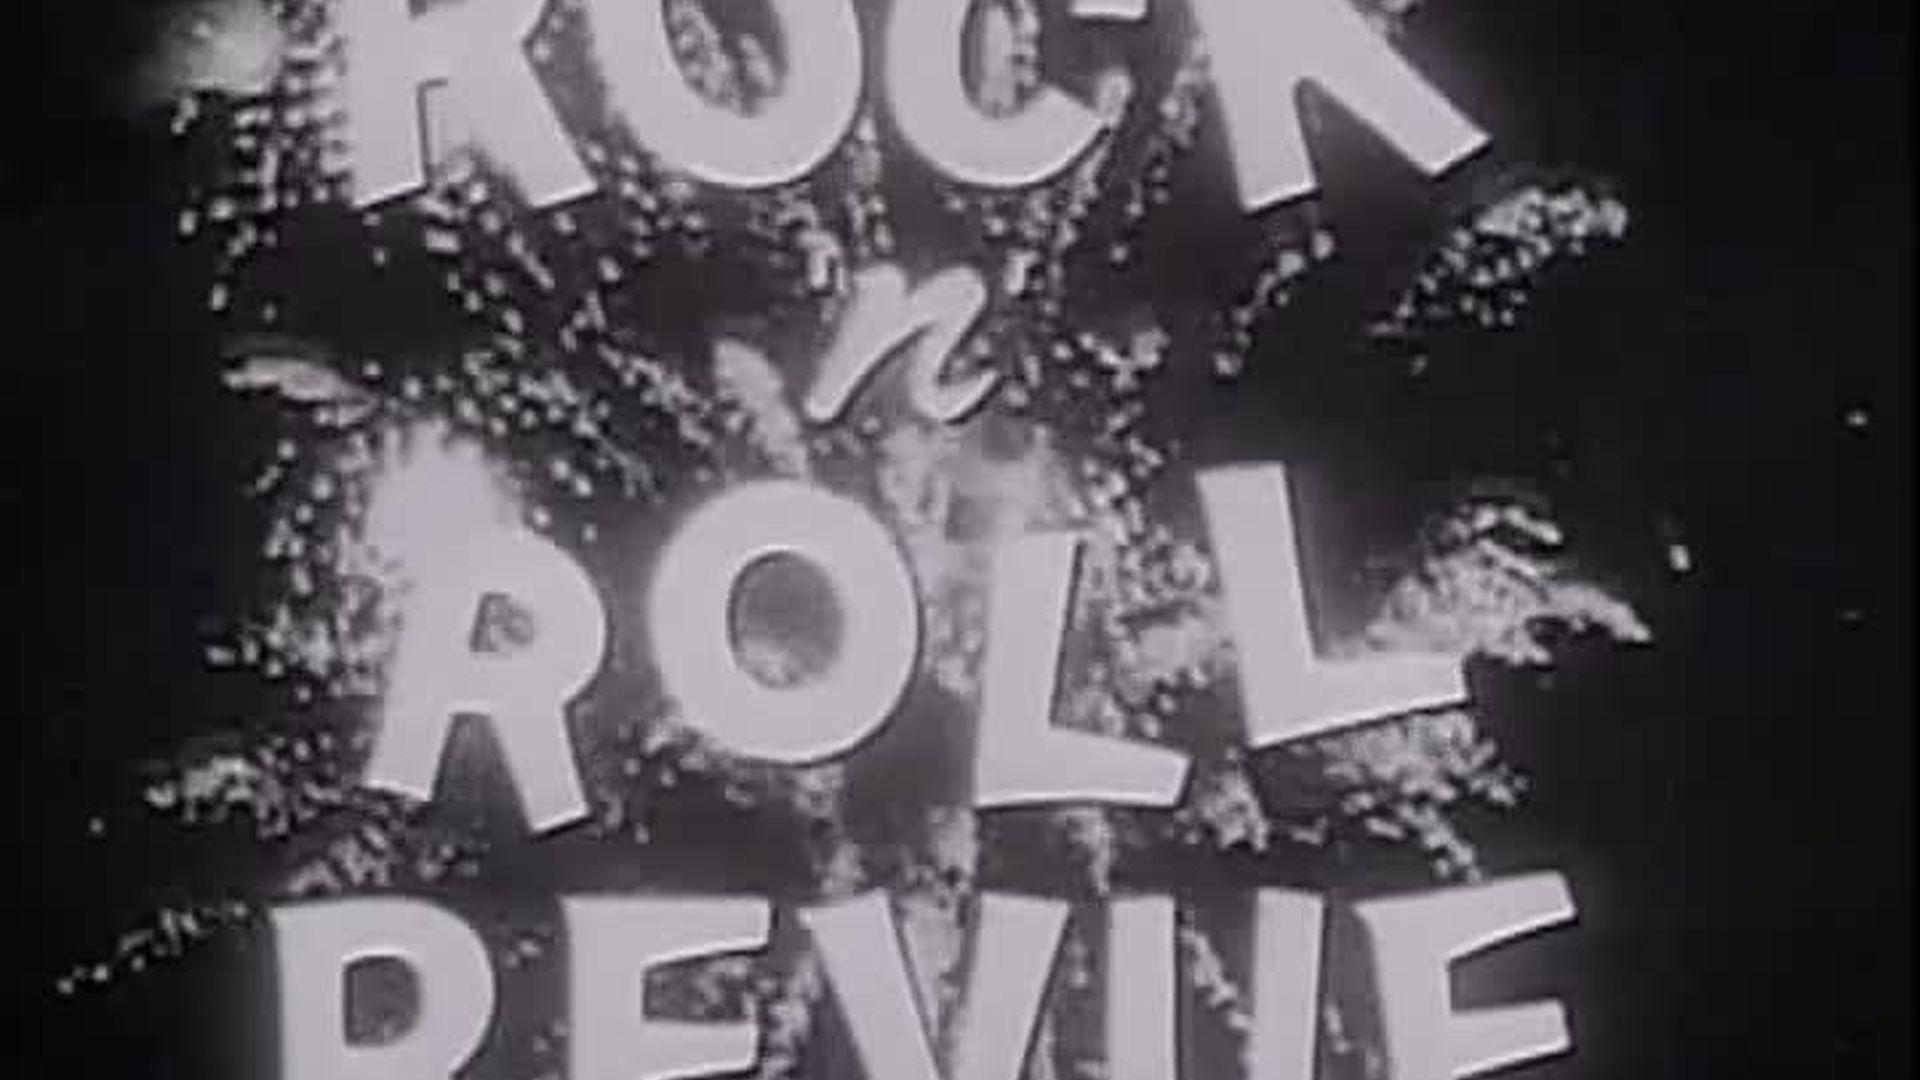 Rock & Roll Revue